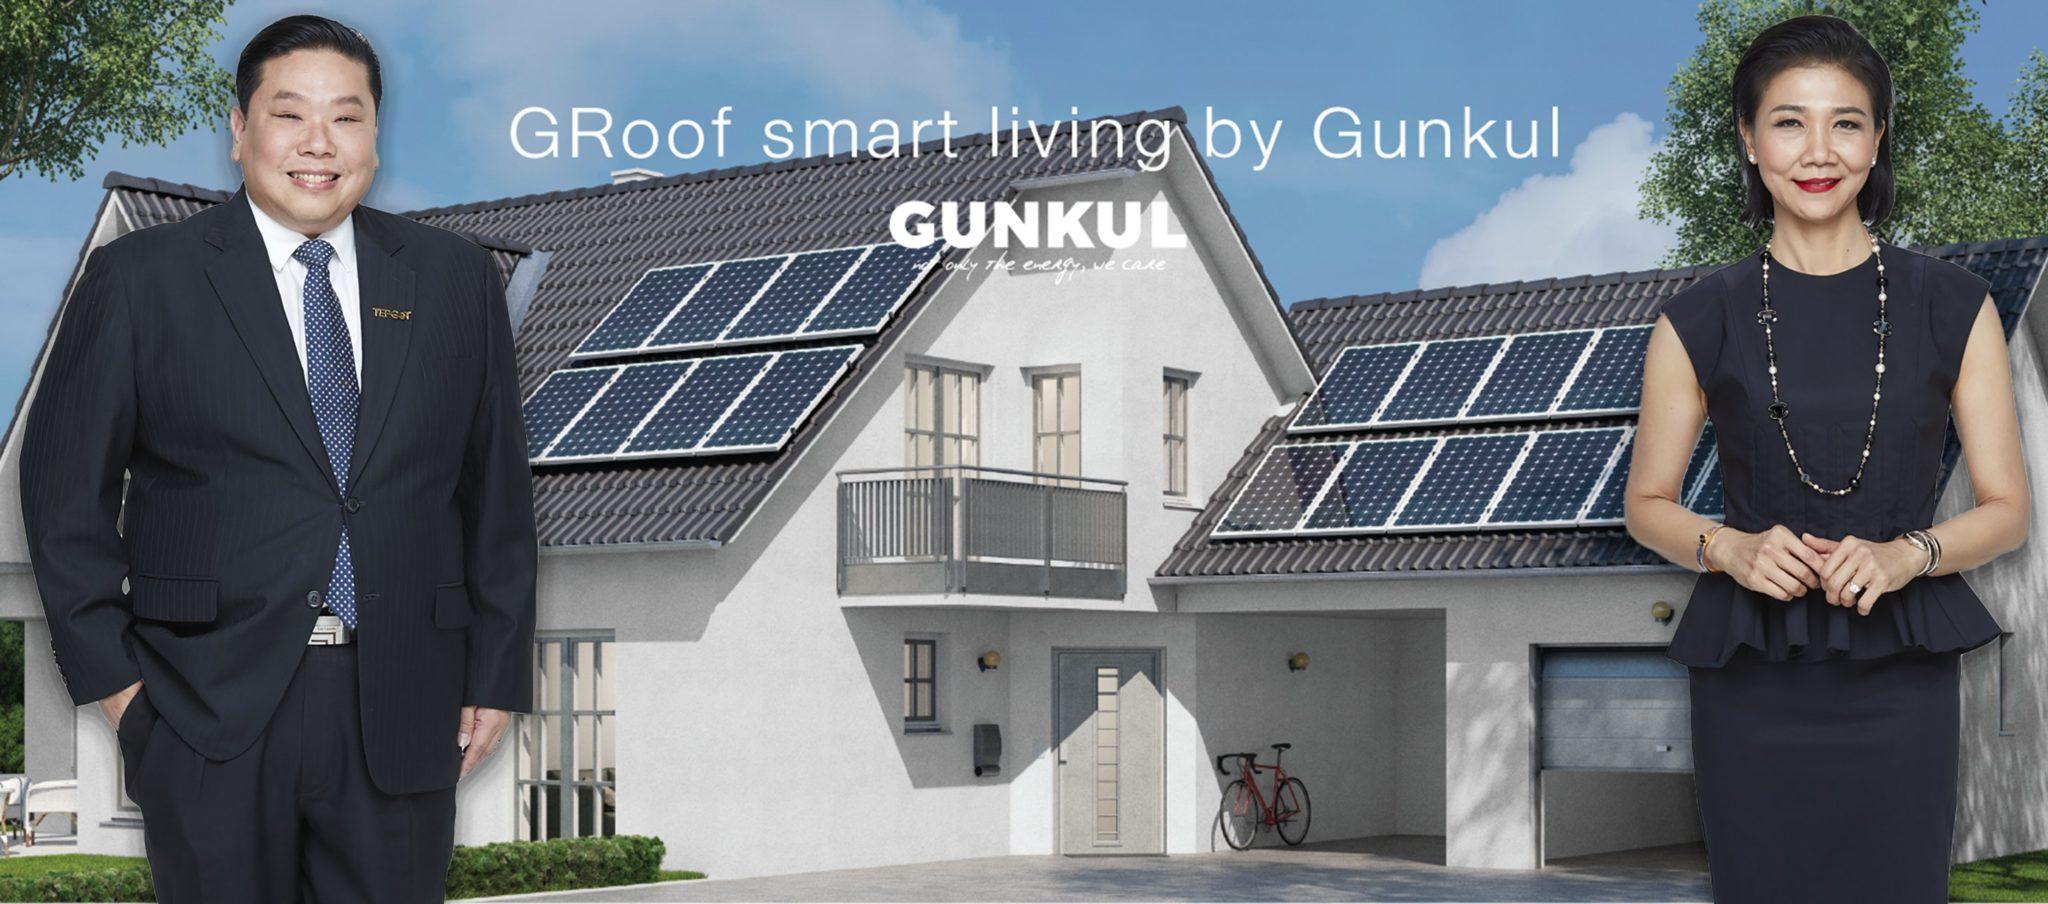 กันกุล (GUNKUL) เปิดตัว GRoof พร้อมลุยตลาดโซลาร์บ้าน มิ.ย.นี้! 2 -